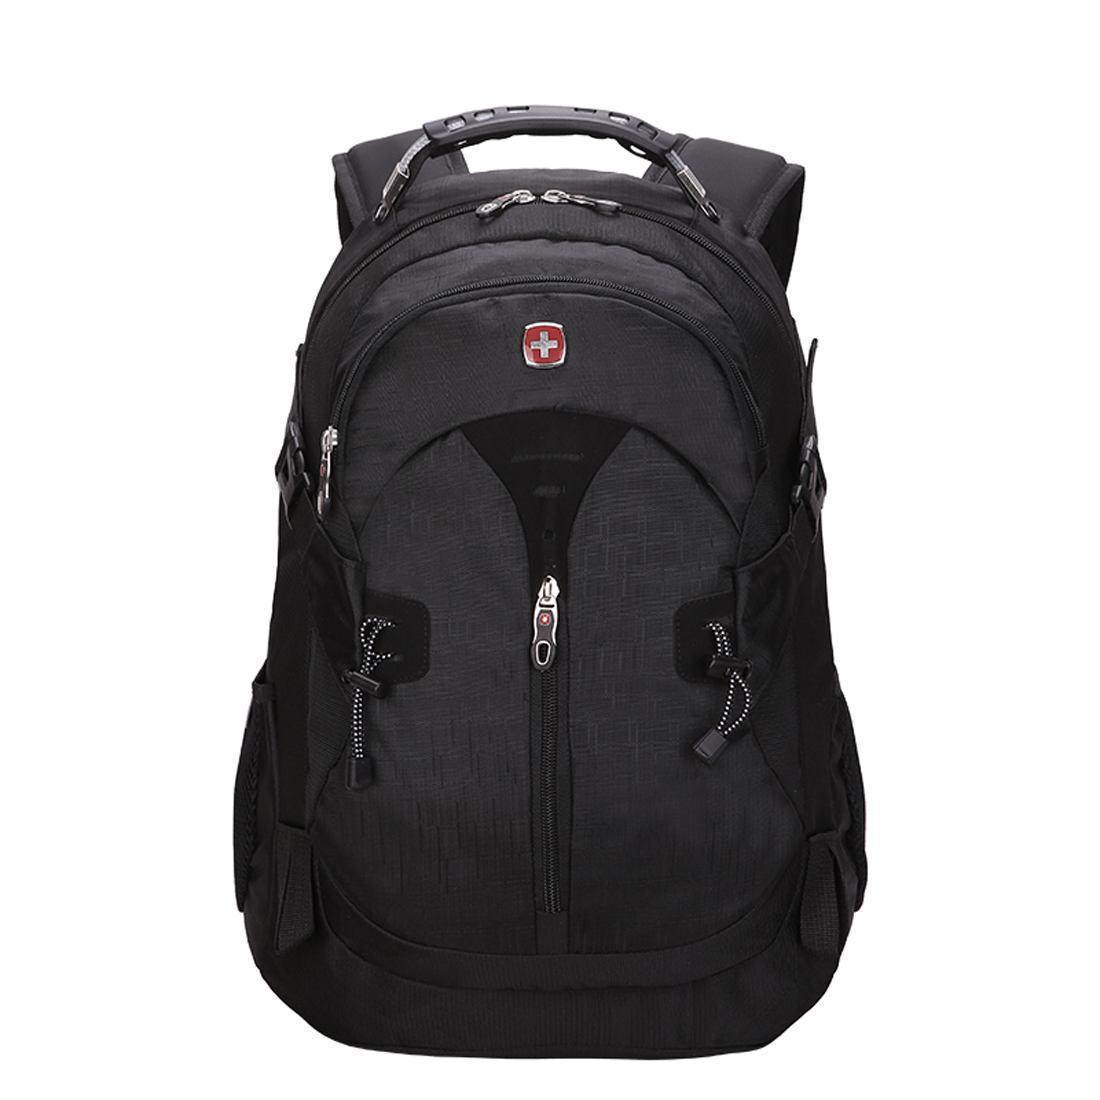 Вместительный рюкзак в стиле SwissGear Wenger, свисгир. Черный. + Дождевик. / s7255 black